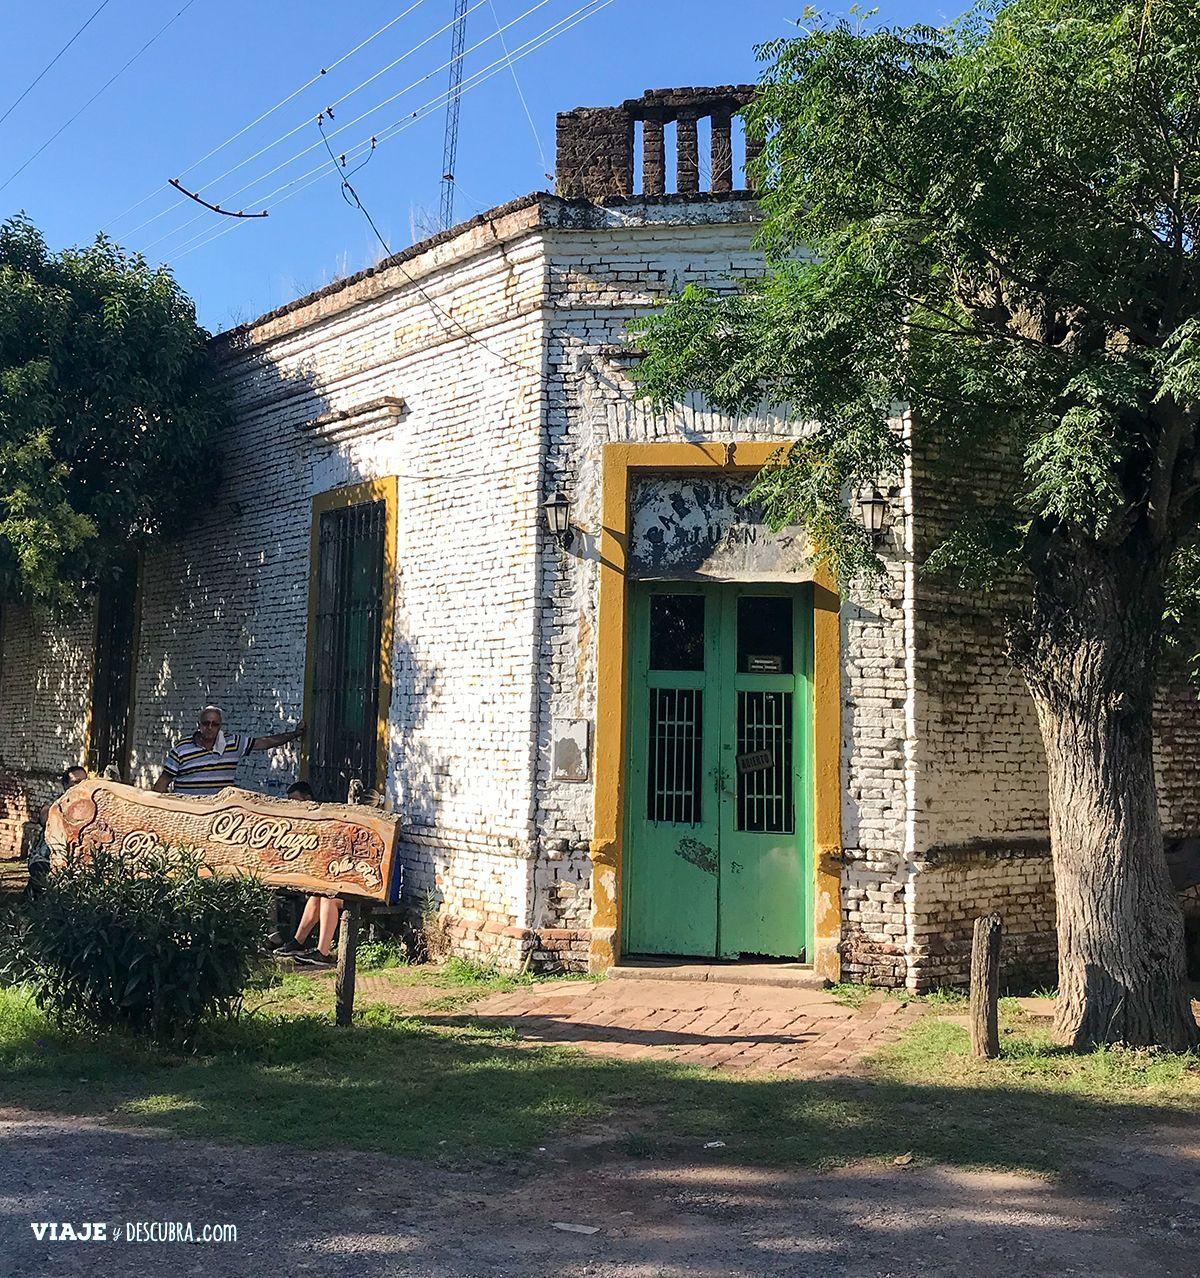 Villa Ruiz, pueblito turístico de buenos aires